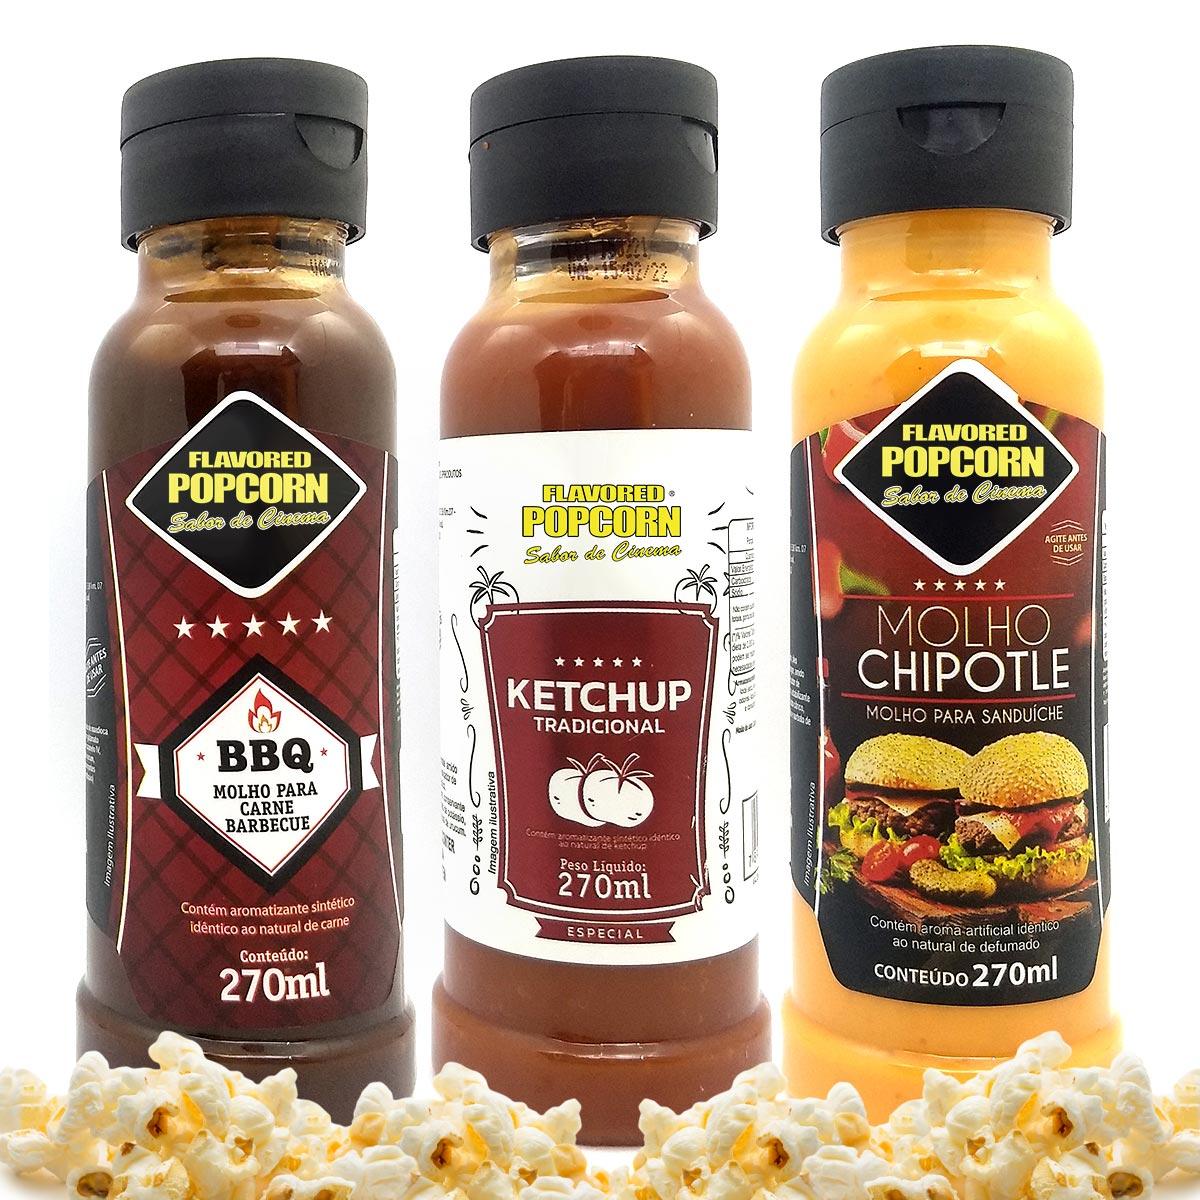 Combo 3 Sabores de Molhos: Chipotle, Barbecue e Ketchup